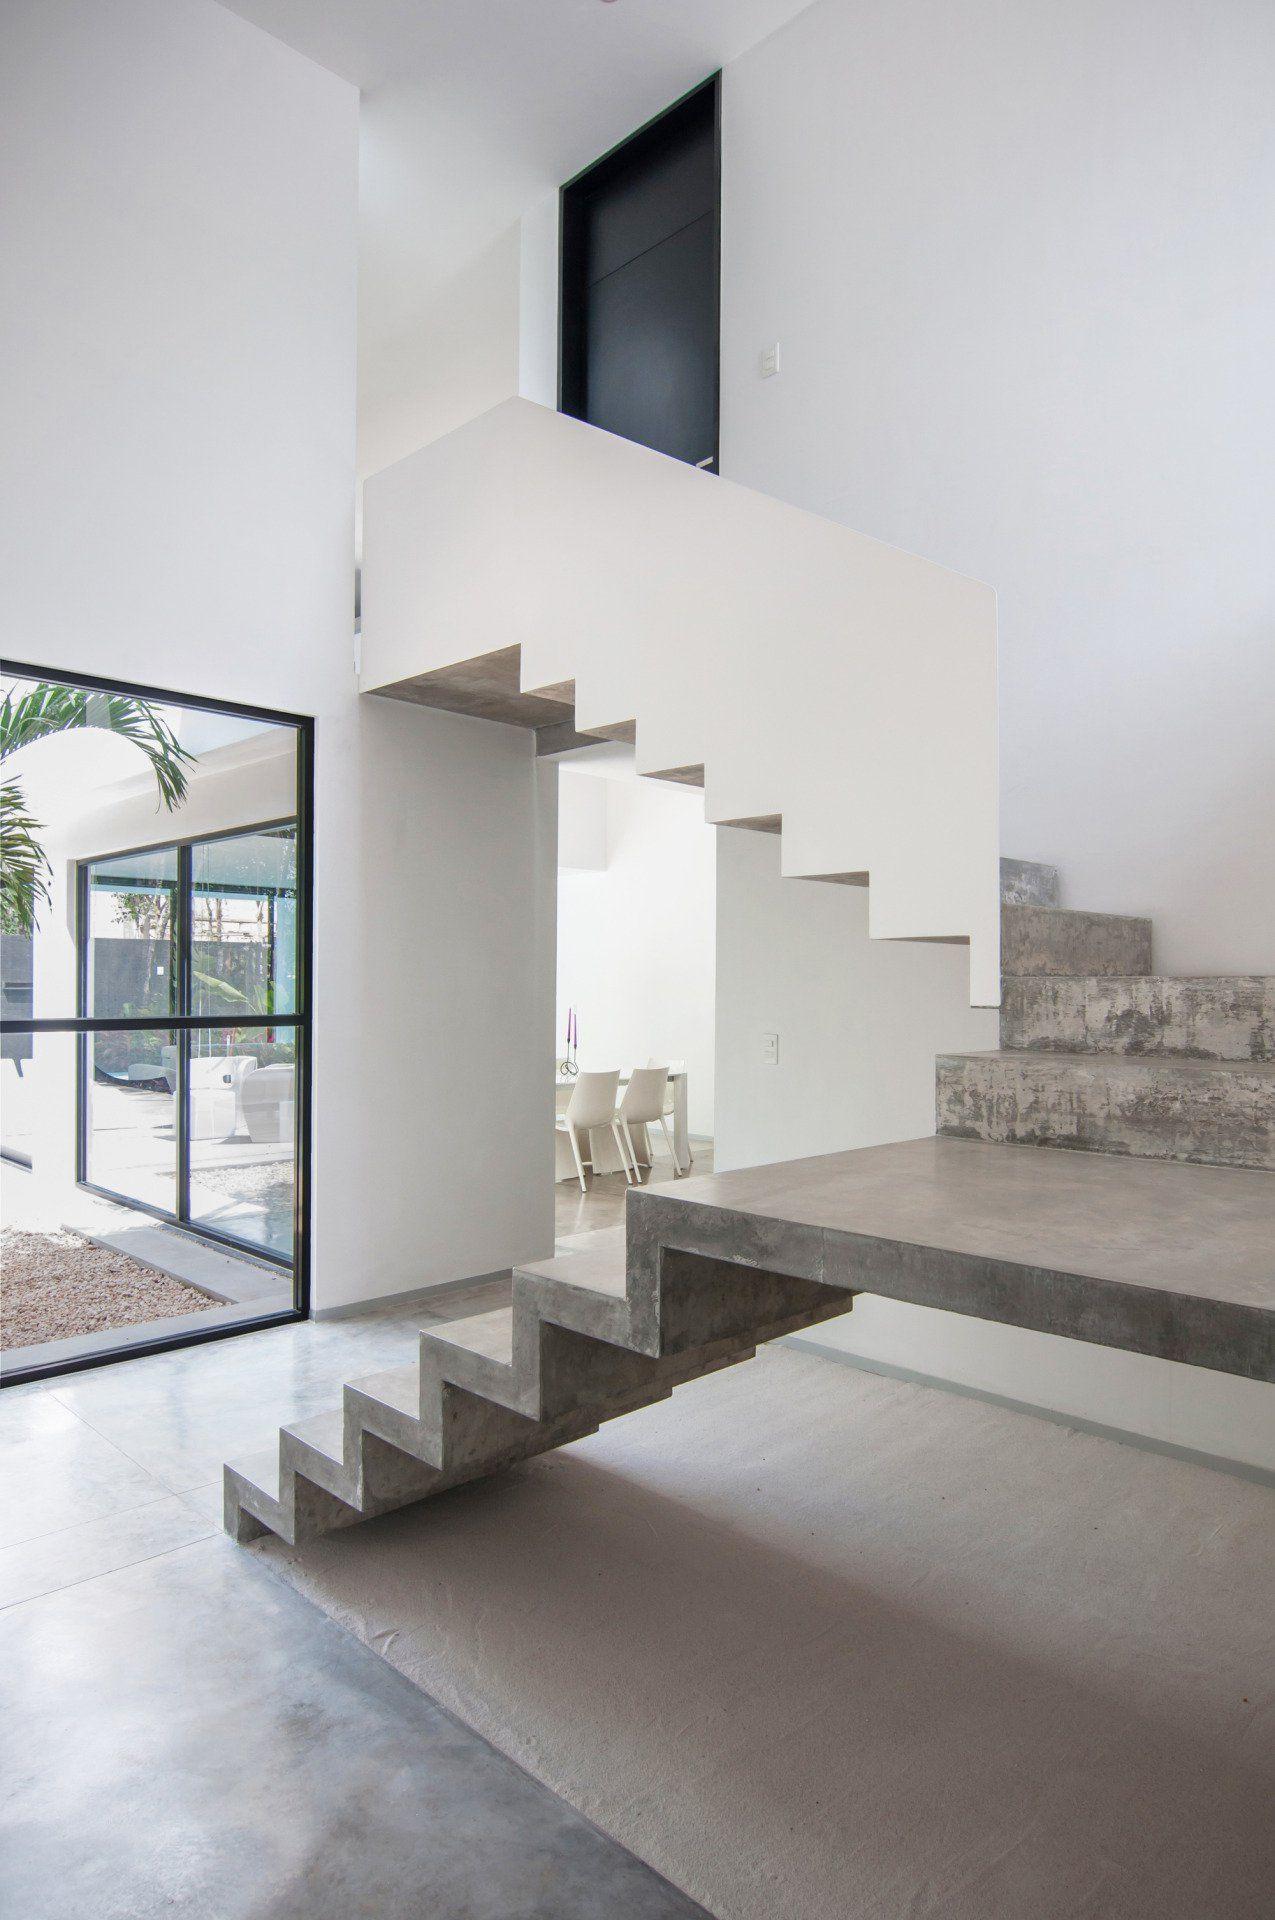 100 Génial Idées Escalier Interieur Beton Design